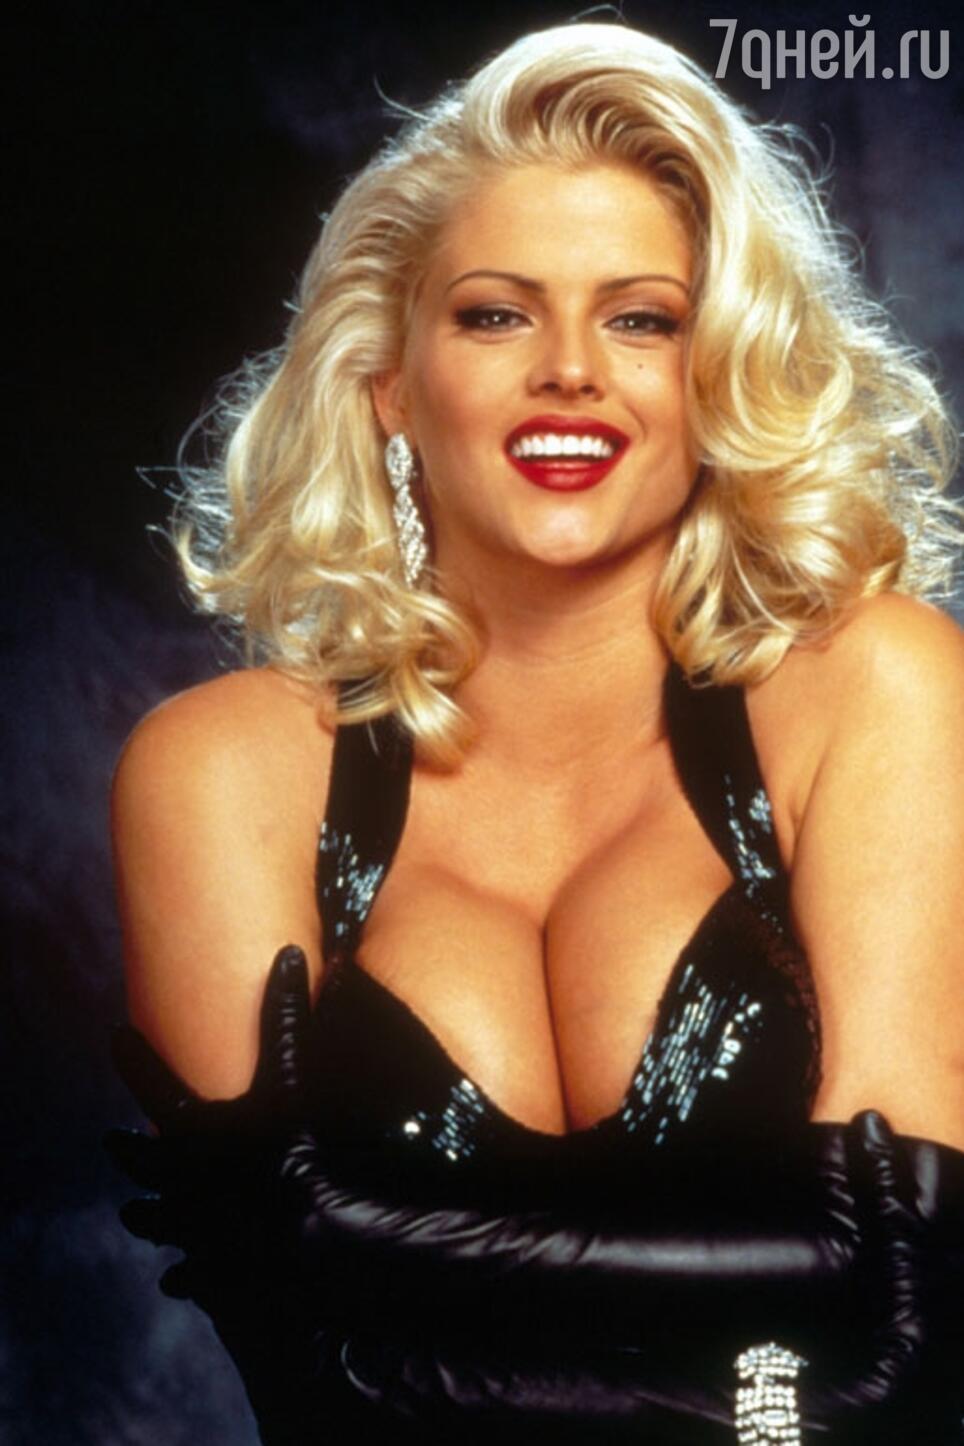 В 1994 году Анна Николь Смит сделала операцию по увеличению груди